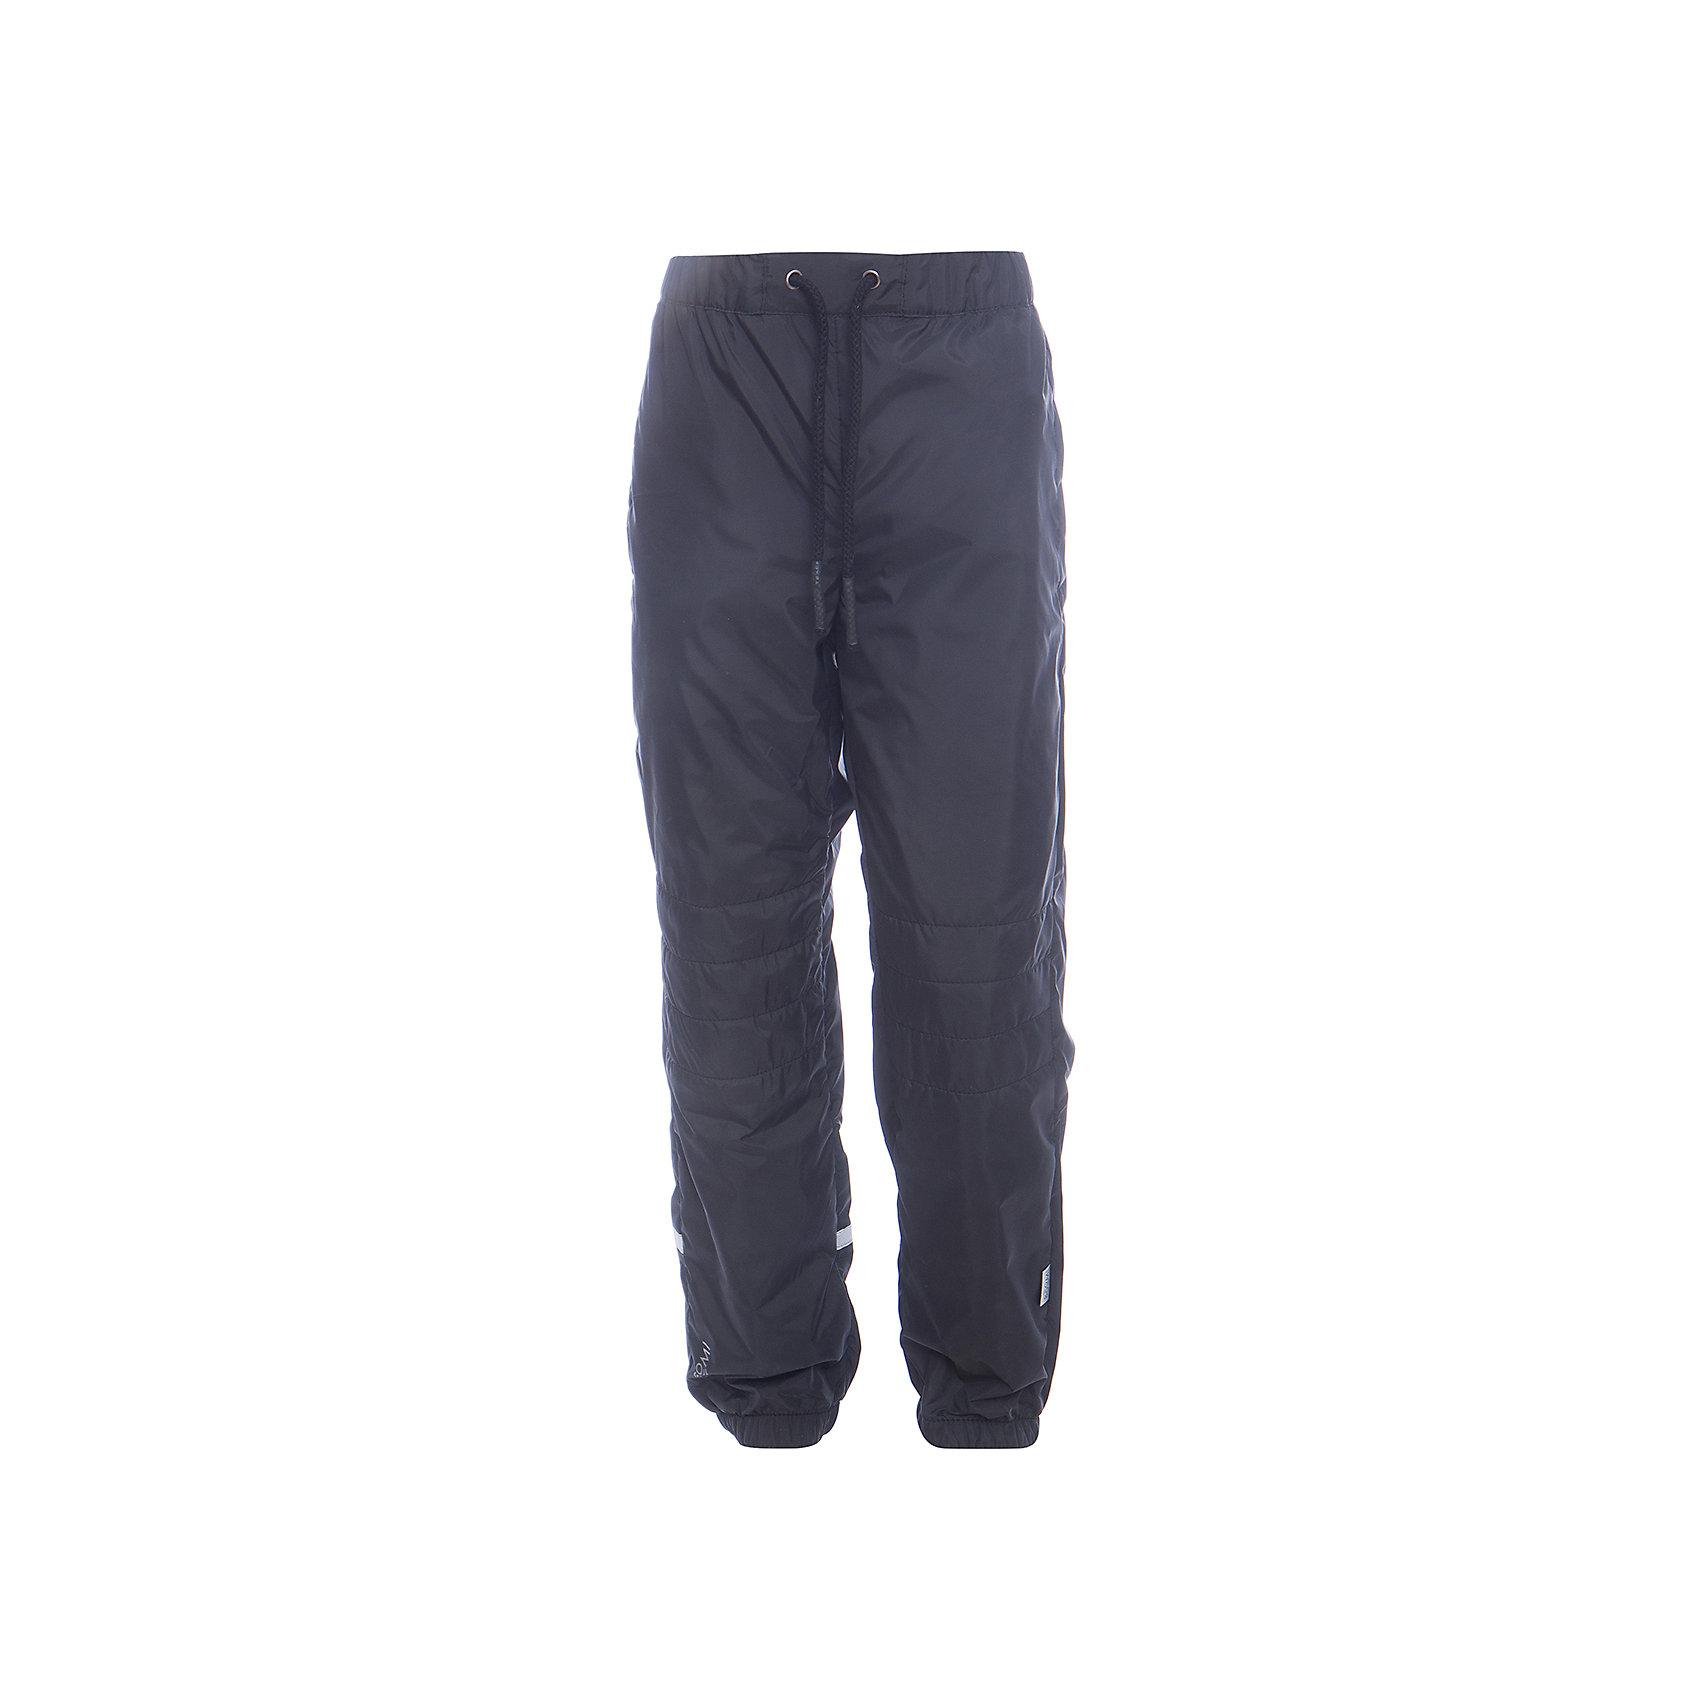 Брюки BOOM by Orby для мальчикаВерхняя одежда<br>Характеристики товара:<br><br>• цвет: черный<br>• ткань верха: Таффета pu milky<br>• подкладка: Флис<br>• без утеплителя<br>• сезон: демисезон<br>• температурный режим: от +5° до +15°С<br>• особенности одежды: на резинке<br>• тип брюк: с флисовой подкладкой<br>• пояс: резинка<br>• карманы: втачные<br>• страна бренда: Россия<br>• страна изготовитель: Россия<br><br>Черные брюки для мальчика стильно смотрятся и удобно сидят. Есть вместительные карманы. Демисезонные брюки на флисовой подкладке отлично подходят для ношения в демисезон. <br><br>Брюки BOOM by Orby для мальчика можно купить в нашем интернет-магазине.<br><br>Ширина мм: 215<br>Глубина мм: 88<br>Высота мм: 191<br>Вес г: 336<br>Цвет: черный<br>Возраст от месяцев: 156<br>Возраст до месяцев: 168<br>Пол: Мужской<br>Возраст: Детский<br>Размер: 164,170,86,92,104,110,98,116,122,128,134,140,146,152,158<br>SKU: 7007548